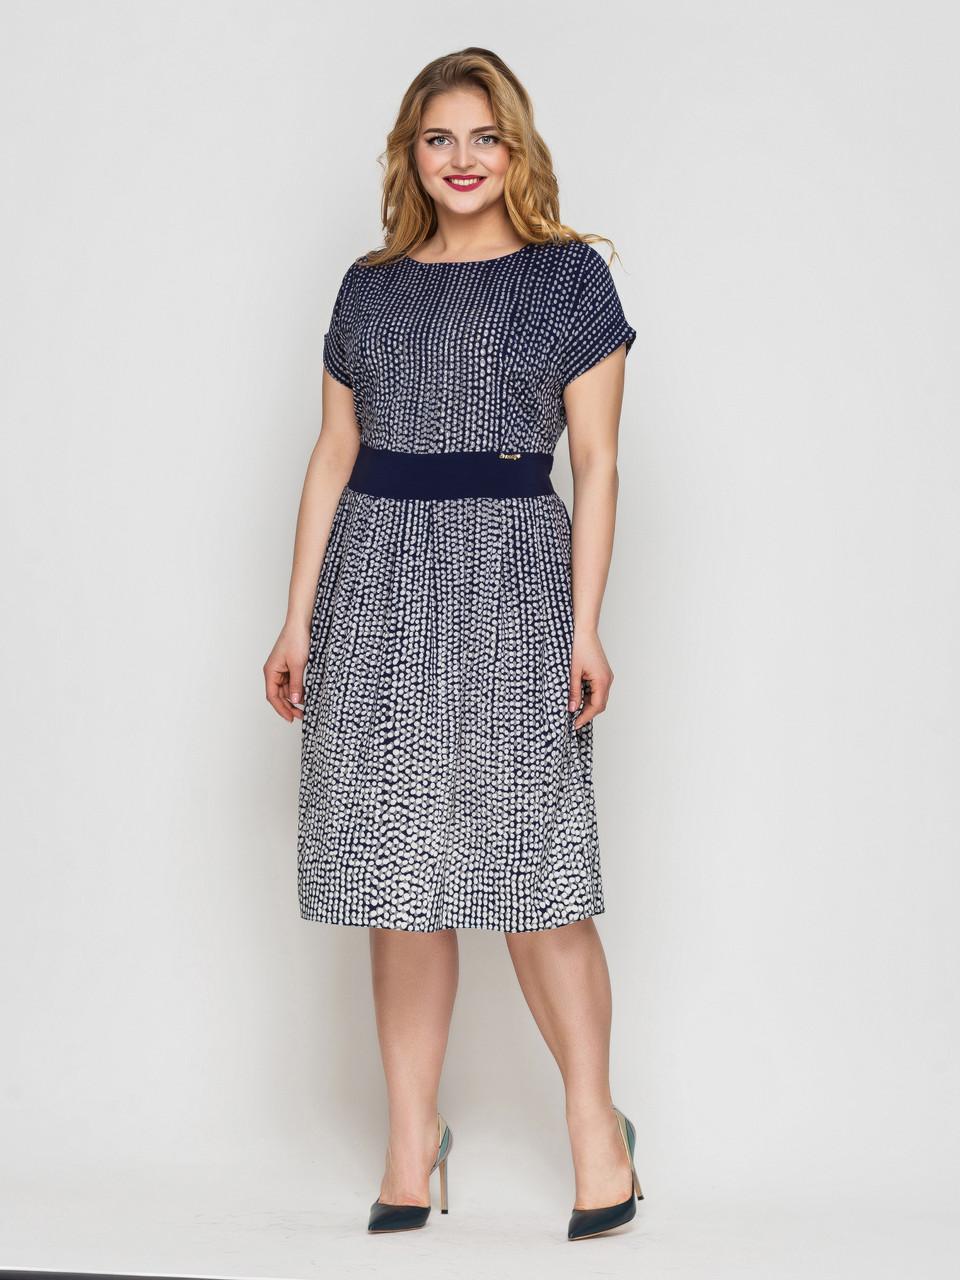 Платье летнее Лорен синее горох